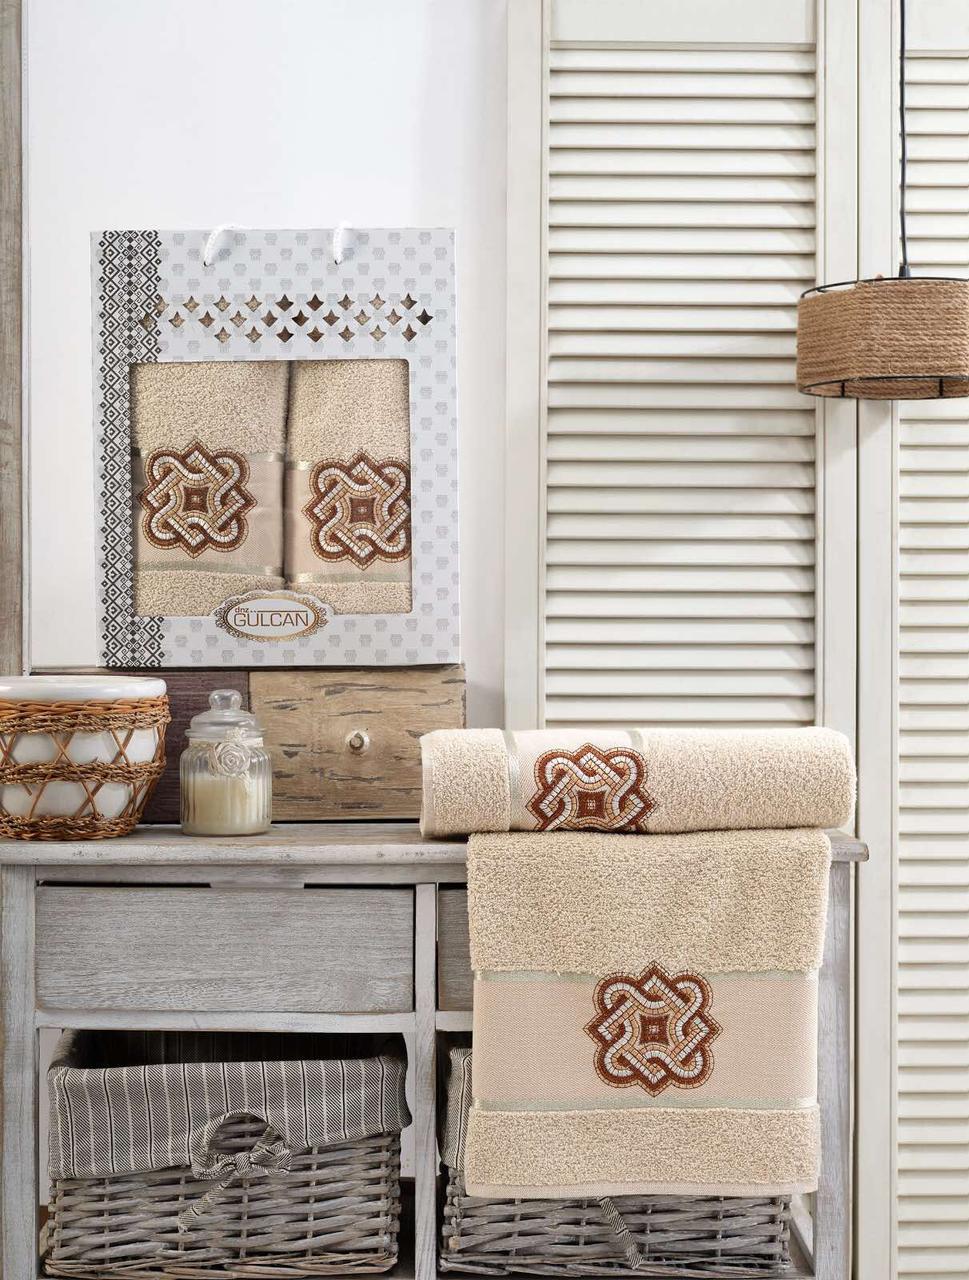 Набор люксовых махровых полотенец банное и лицевое Gulcan Турция кремовые